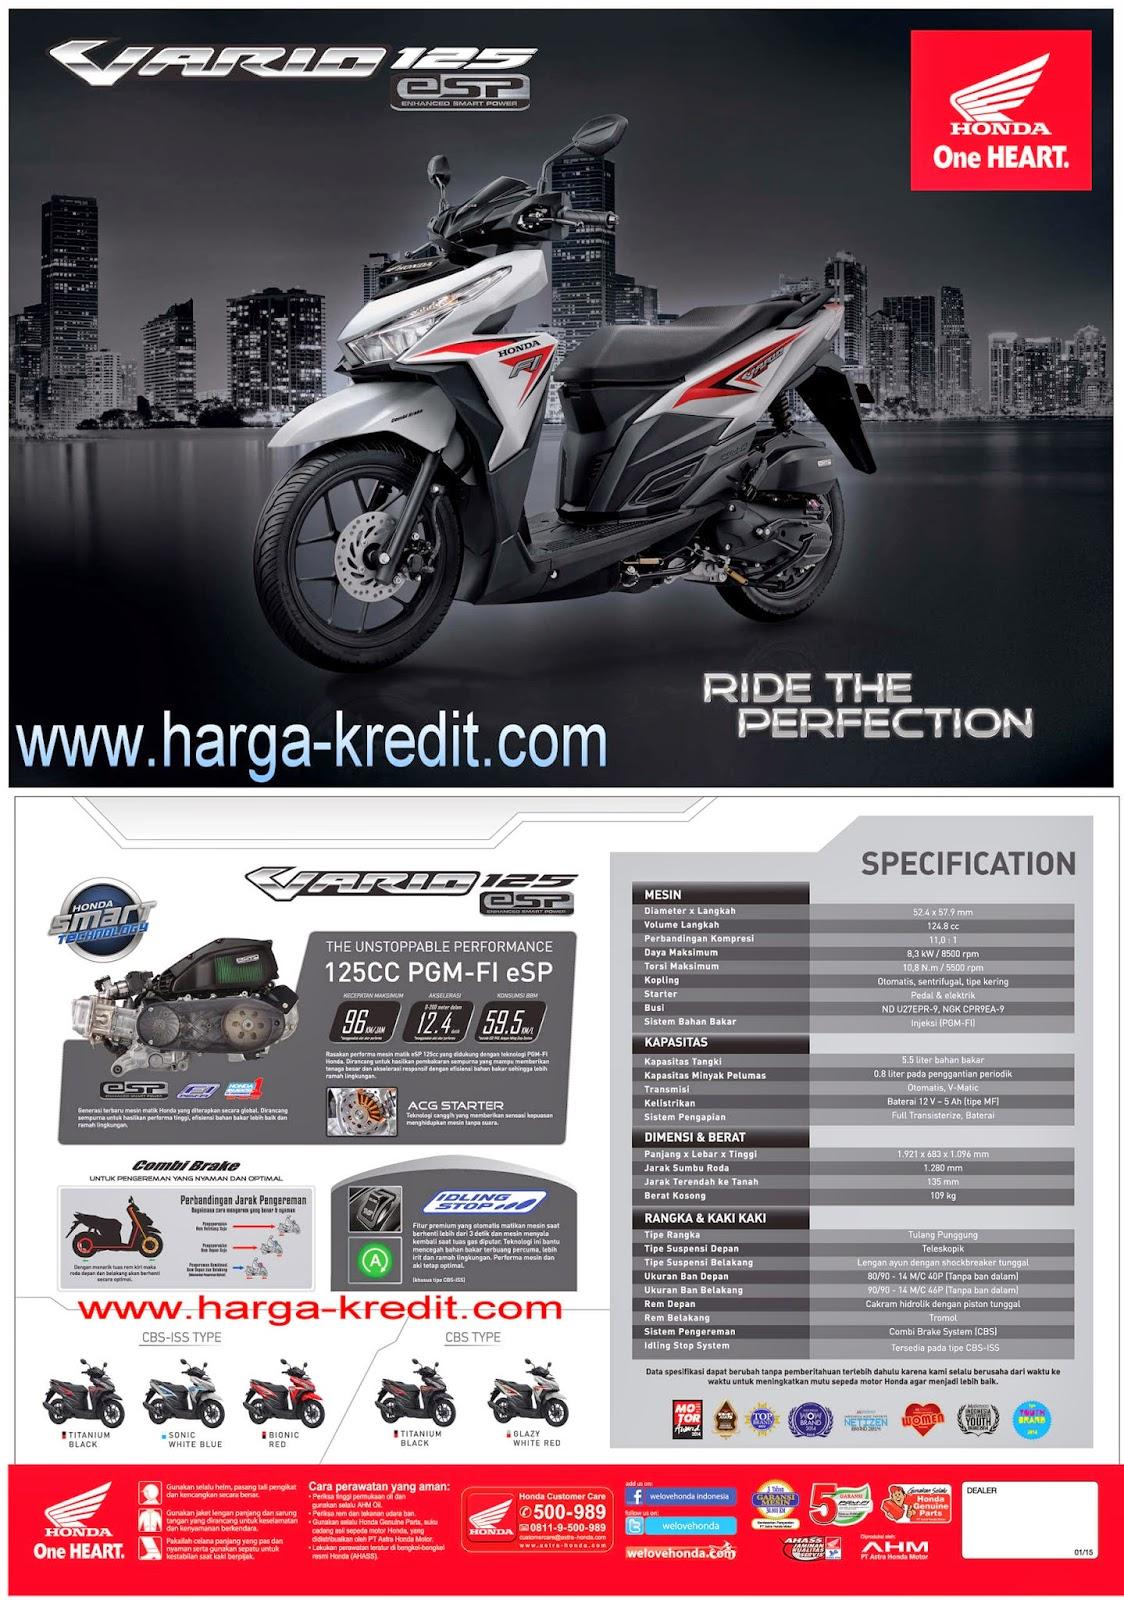 Kredit Motor Honda Termurah Di Bekasi New Vario 125 Esp Cbs Titanium Black Solo Dealer Baru Yamaha Khusus Jakarta Bogor